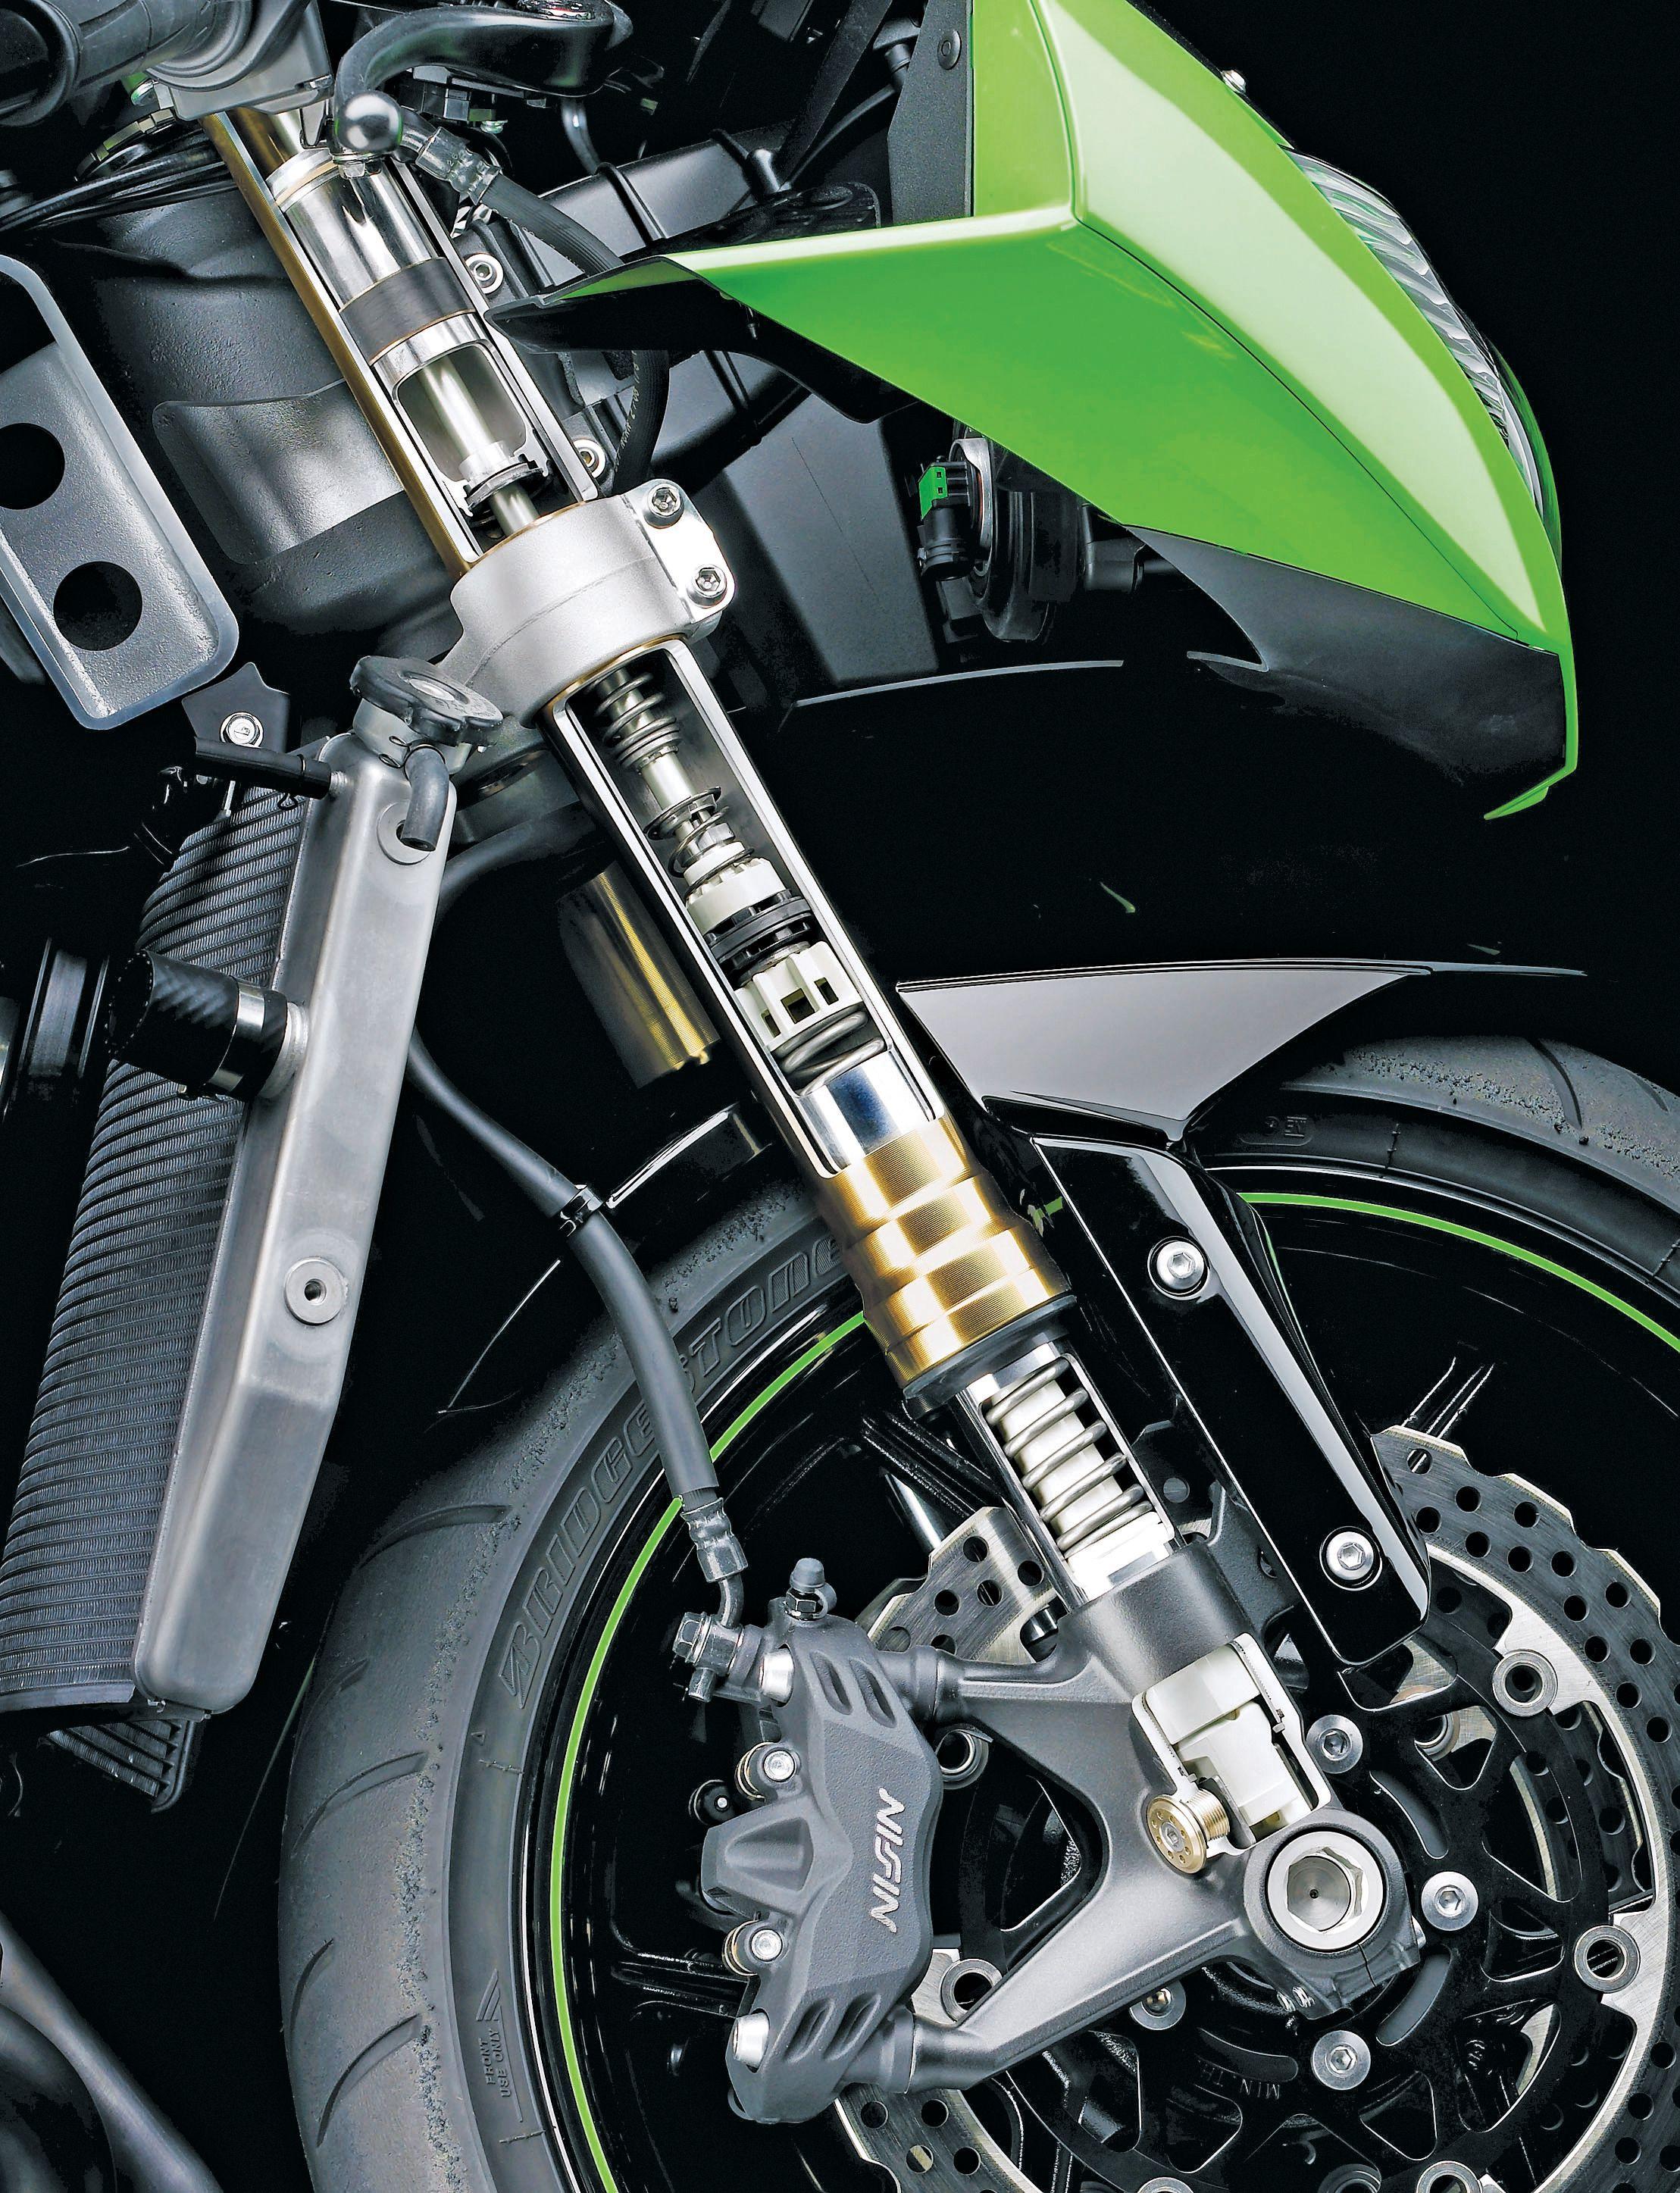 2009 Kawasaki Ninja ZX-6R Motorcycle Review   Cycle World